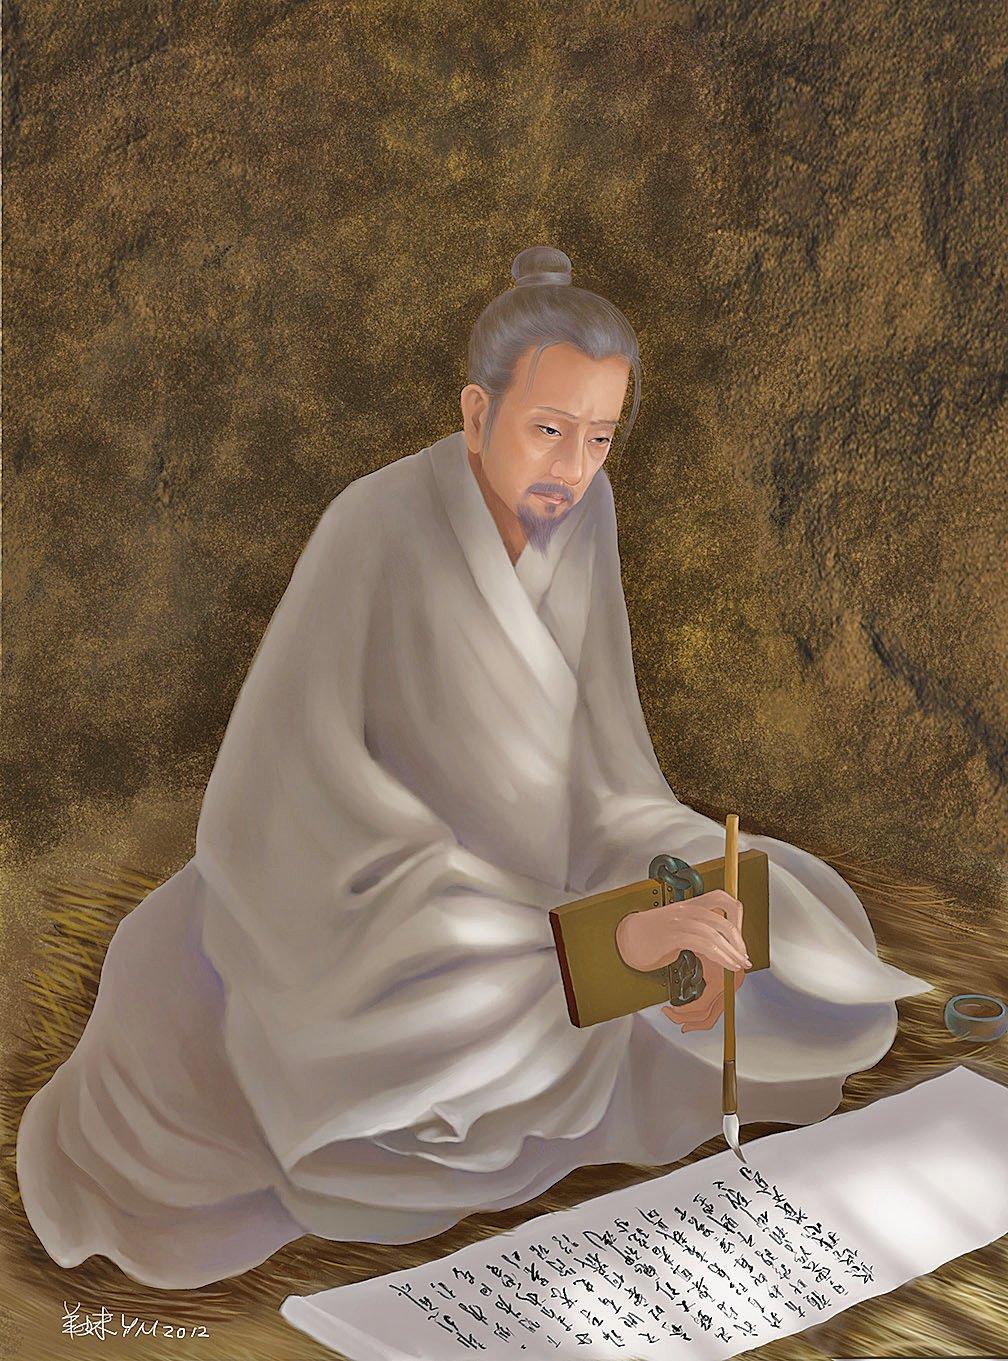 南宋將領文天祥,在元人的濕寒監牢裡,寫下歌以詠志的五言長詩《正氣歌》。(羊妹/大紀元製圖)